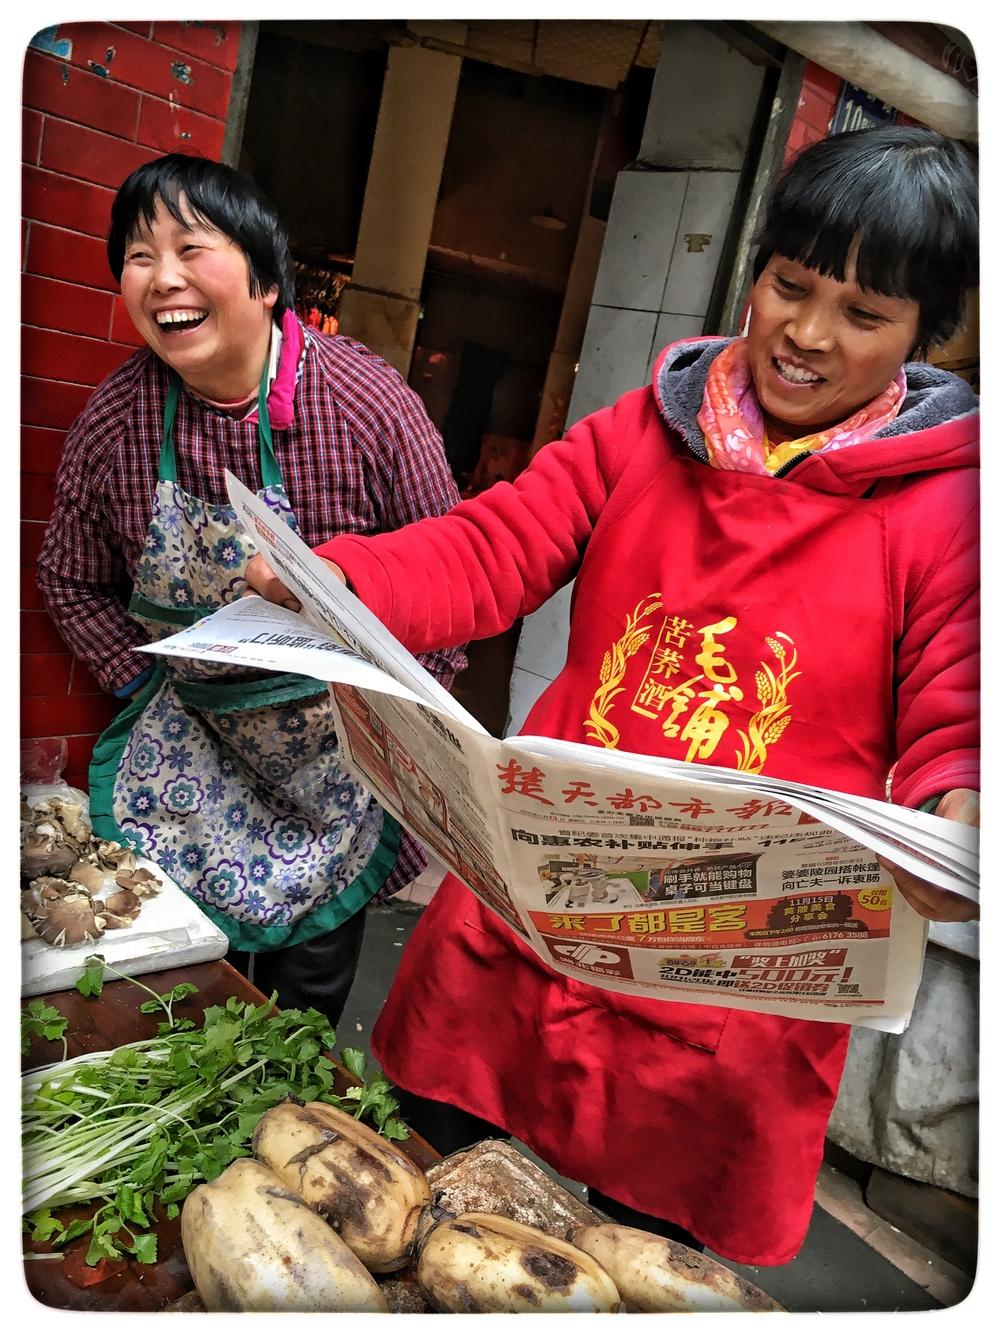 Market women, Wuhan